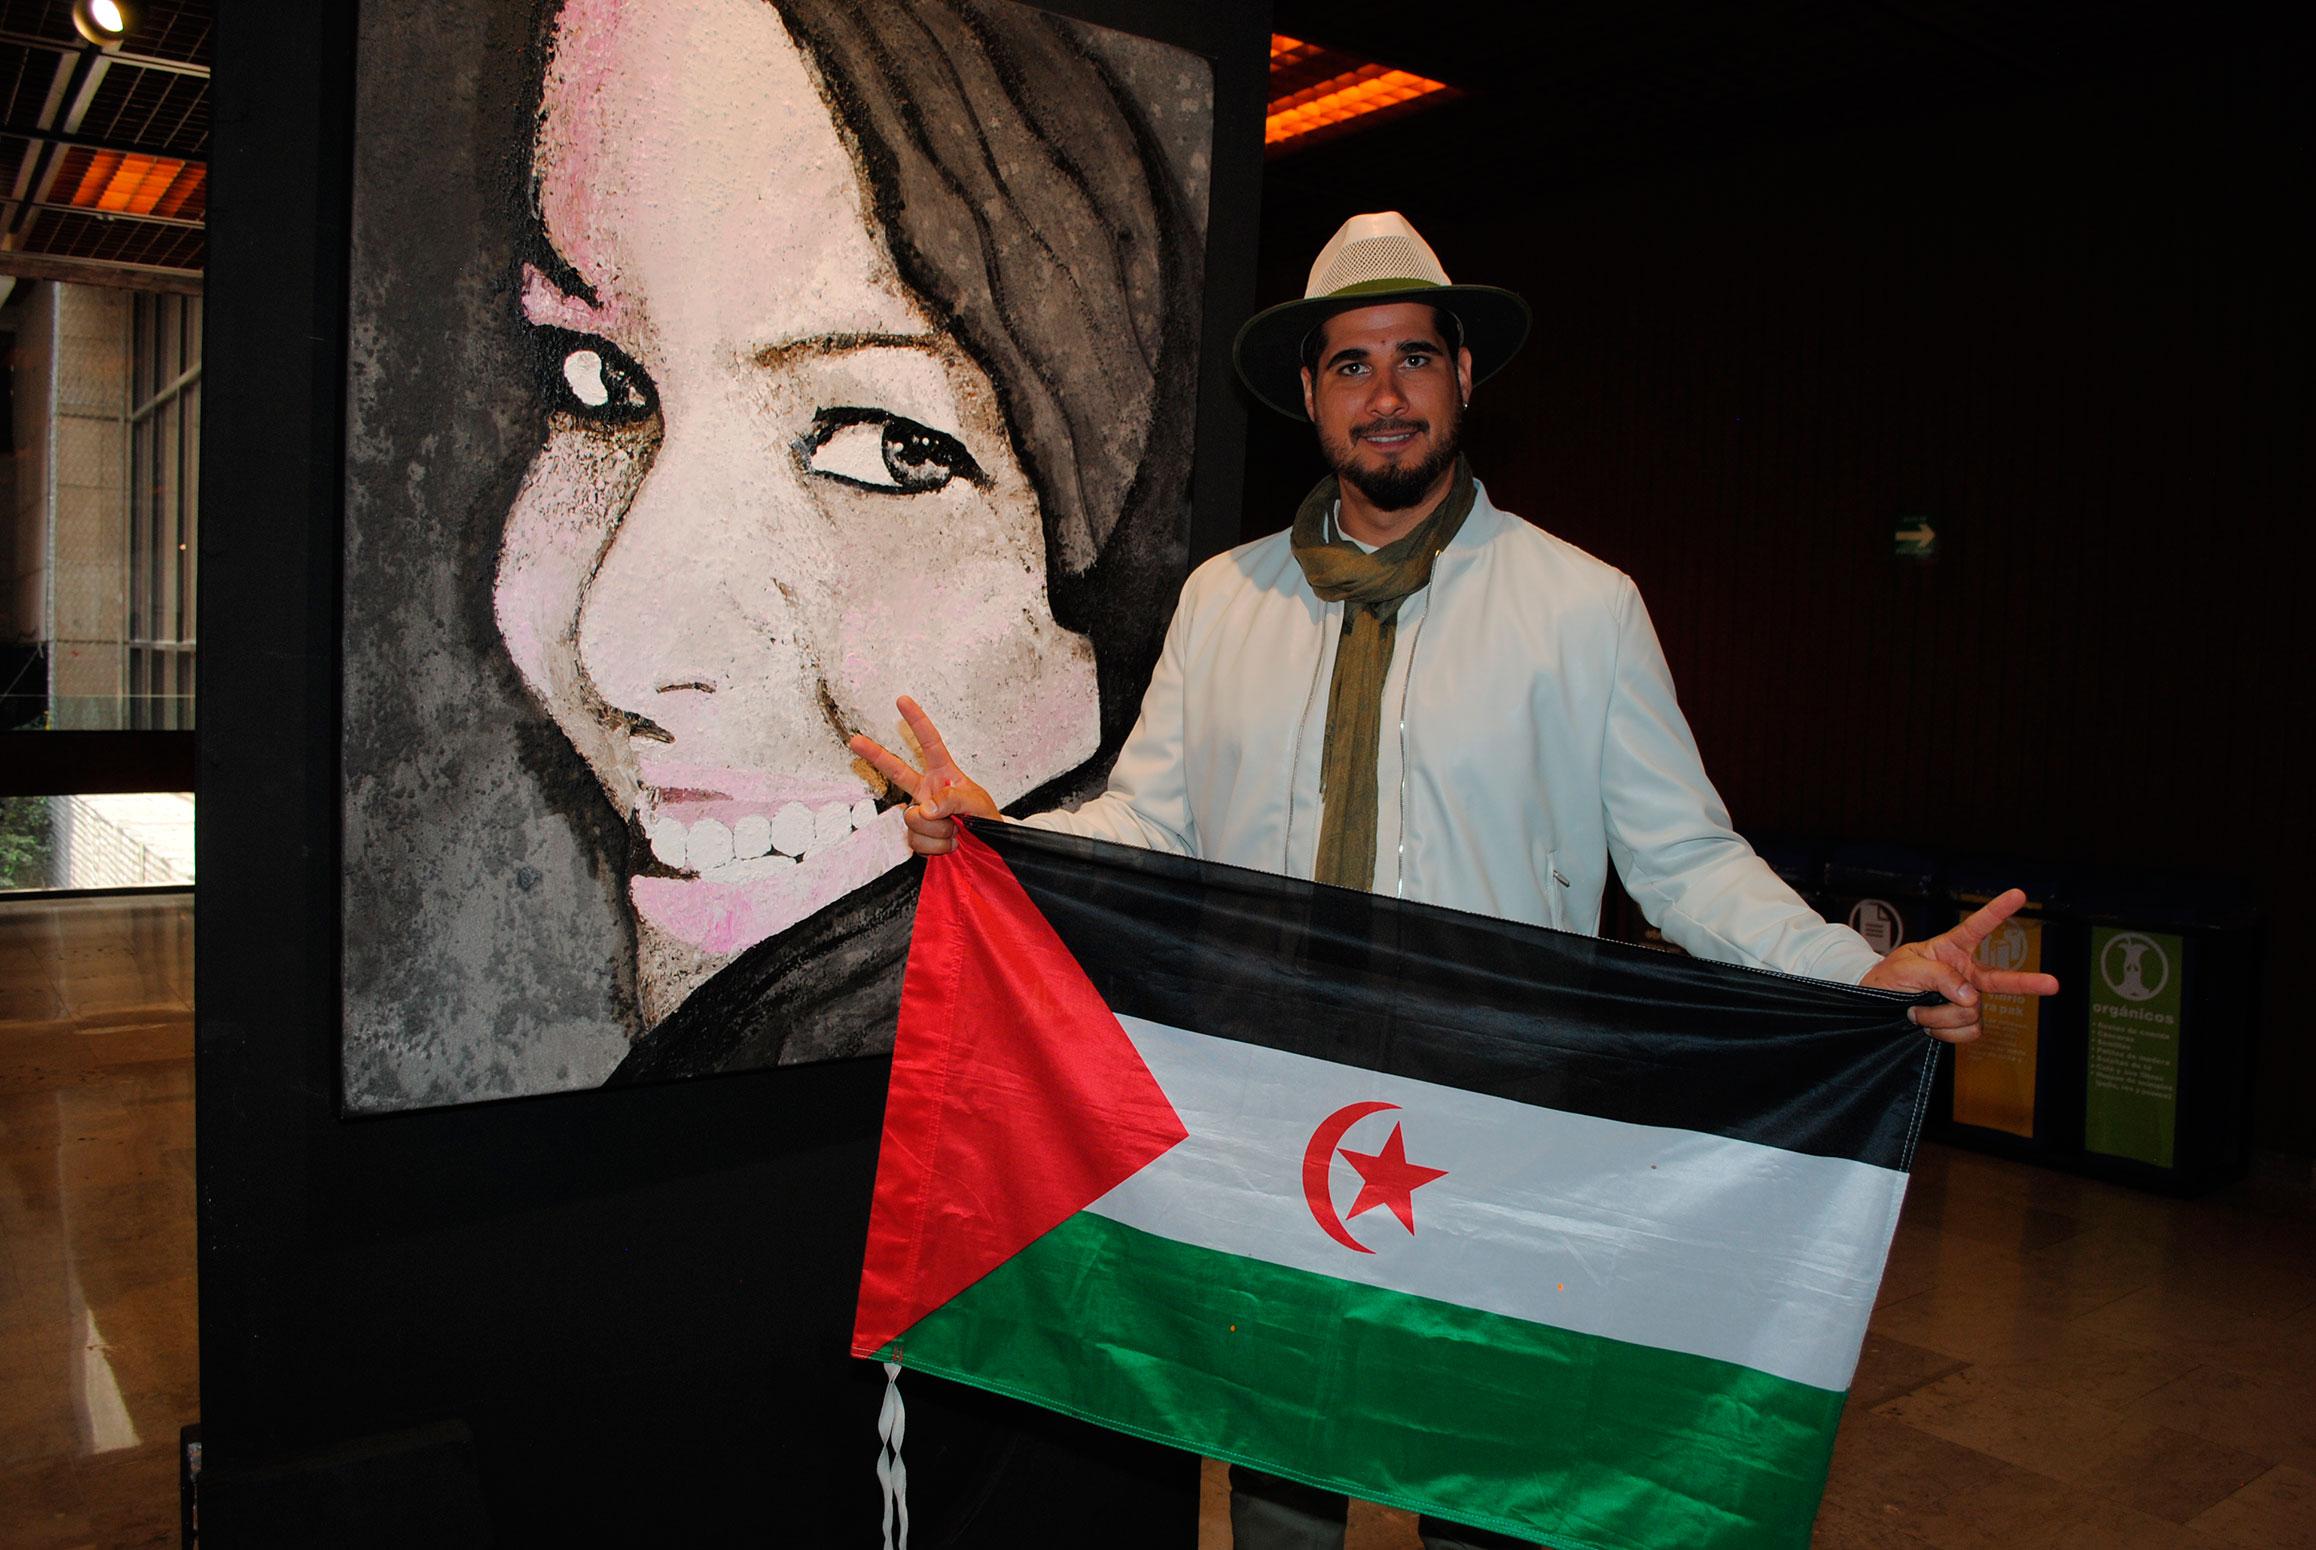 Antonio Velázquez Abdallahy, presentó su exposición Saharauis: los ojos del reflejo del alma. Foto propiedad de la revista Protocolo Copyright©